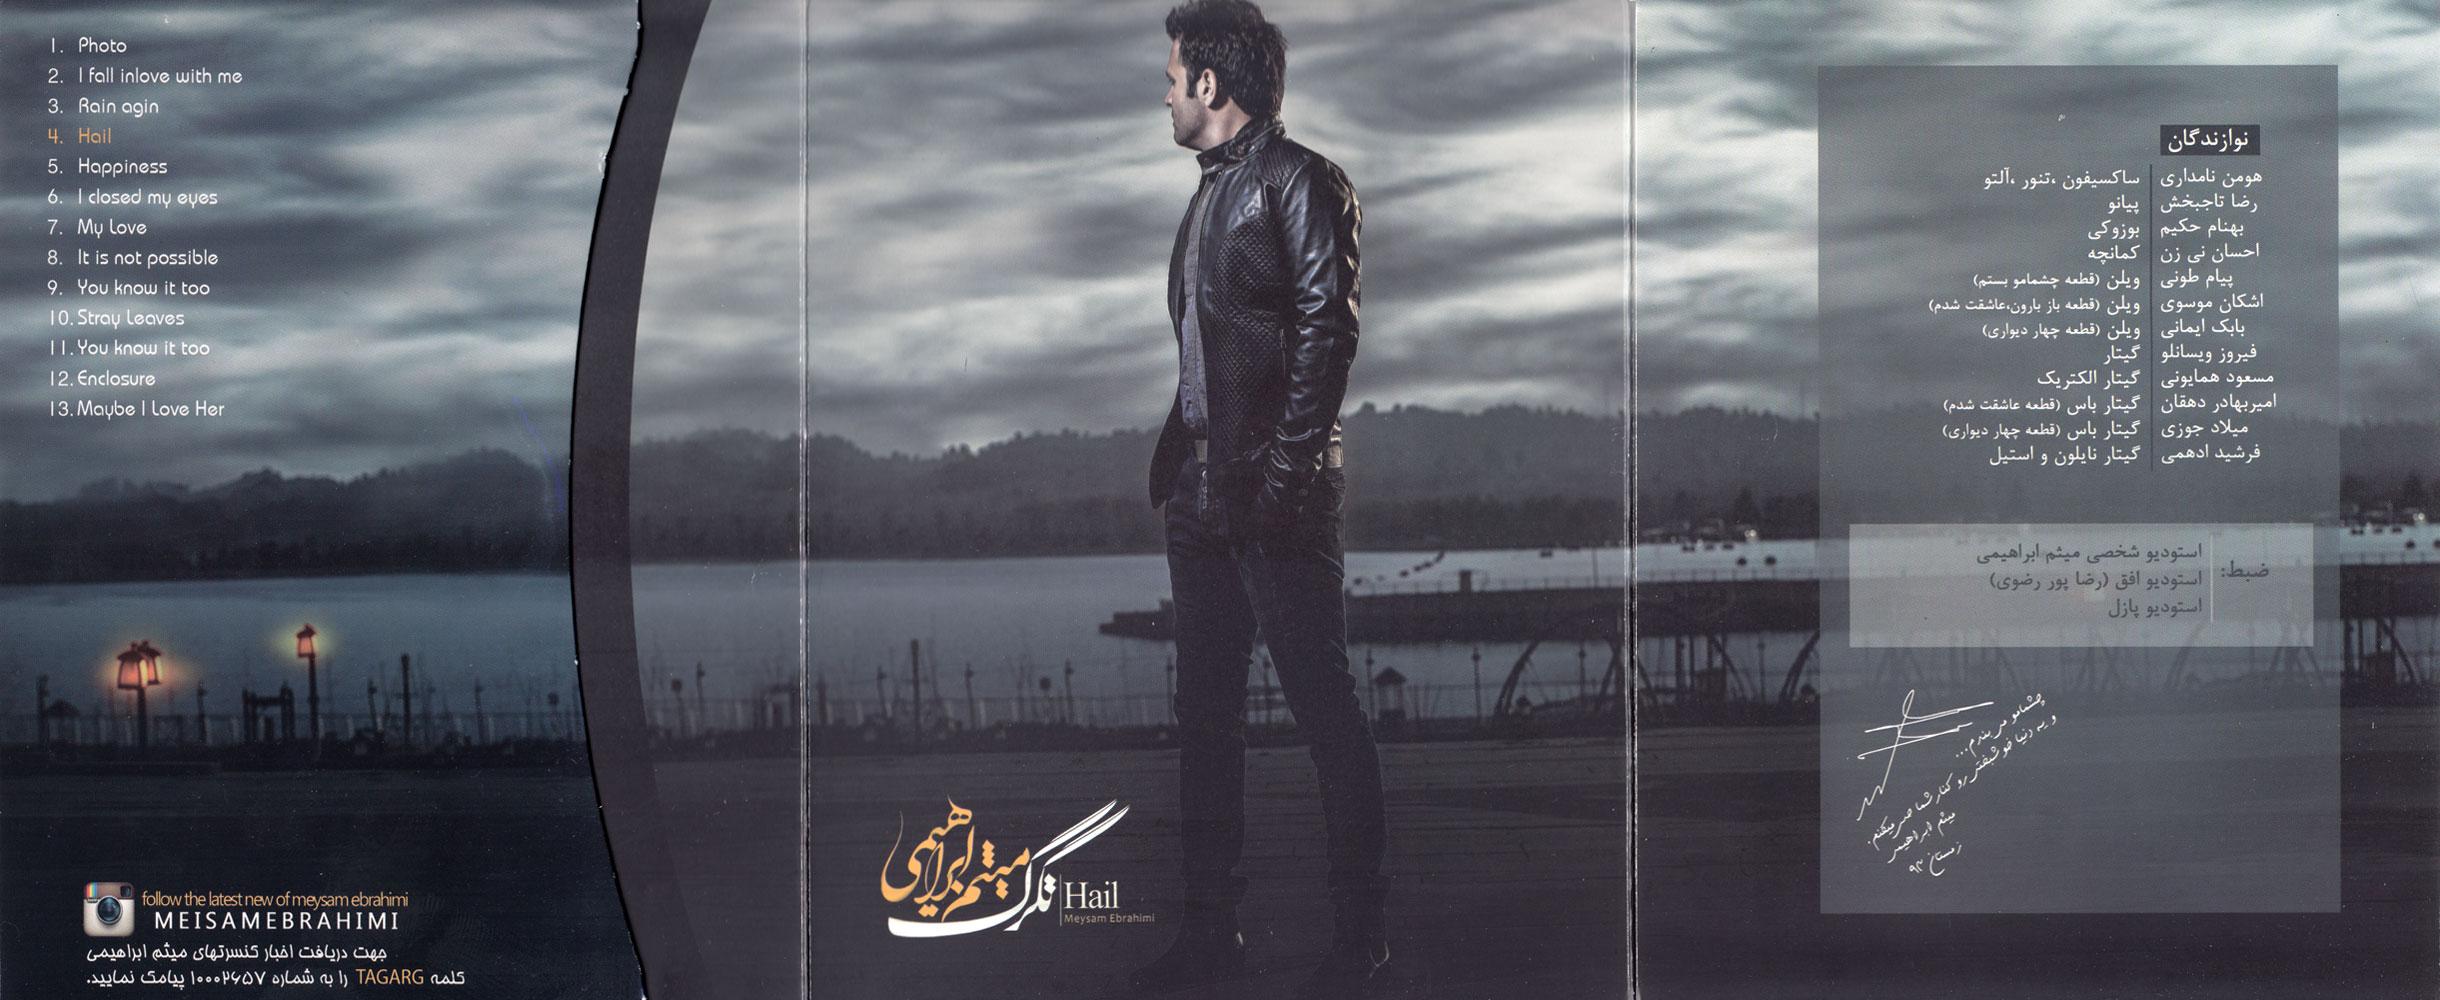 دانلود آلبوم جدید میثم ابراهیمی به نام تگرگ